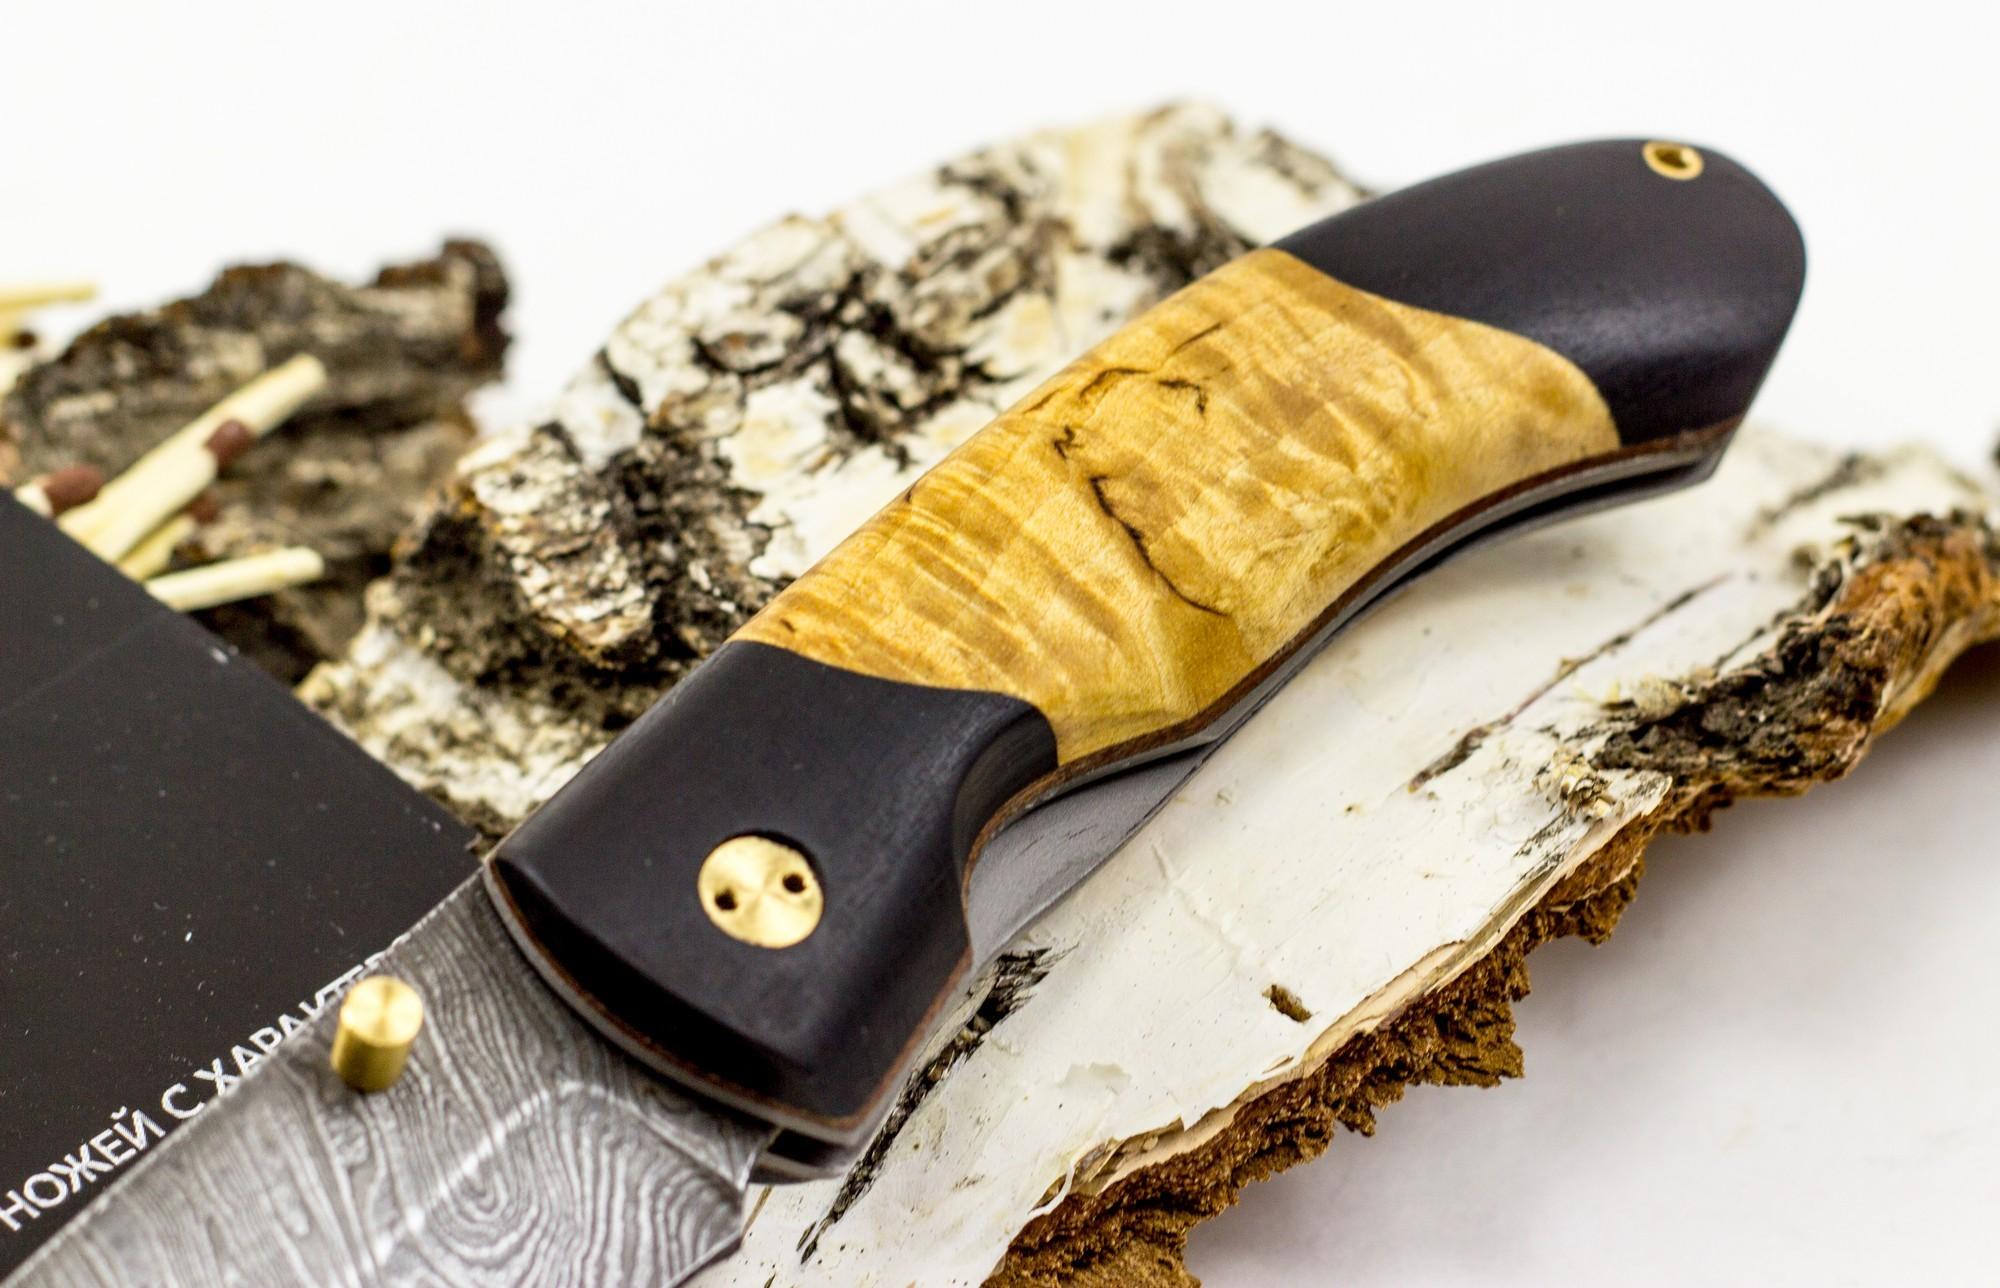 Фото 3 - Нож складной Егерьский-2, дамаск, карельская береза от Марычев